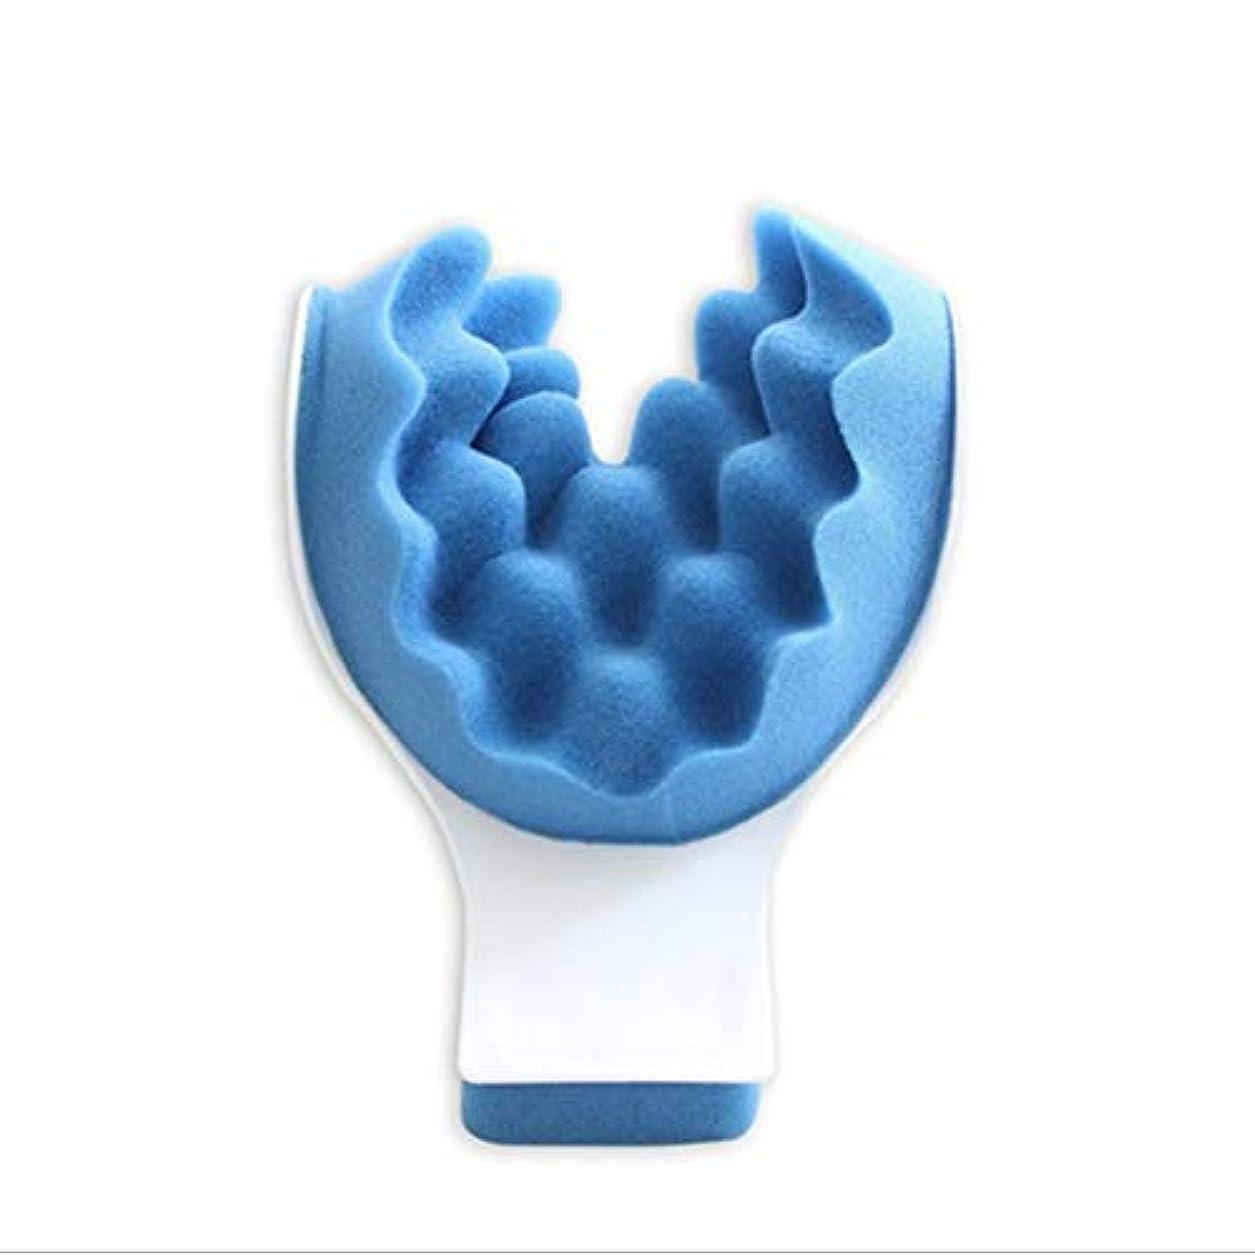 レビュアー個人港マッスルテンションリリーフタイトネスと痛みの緩和セラピーティックネックサポートテンションリリーフネック&ショルダーリラクサー - ブルー